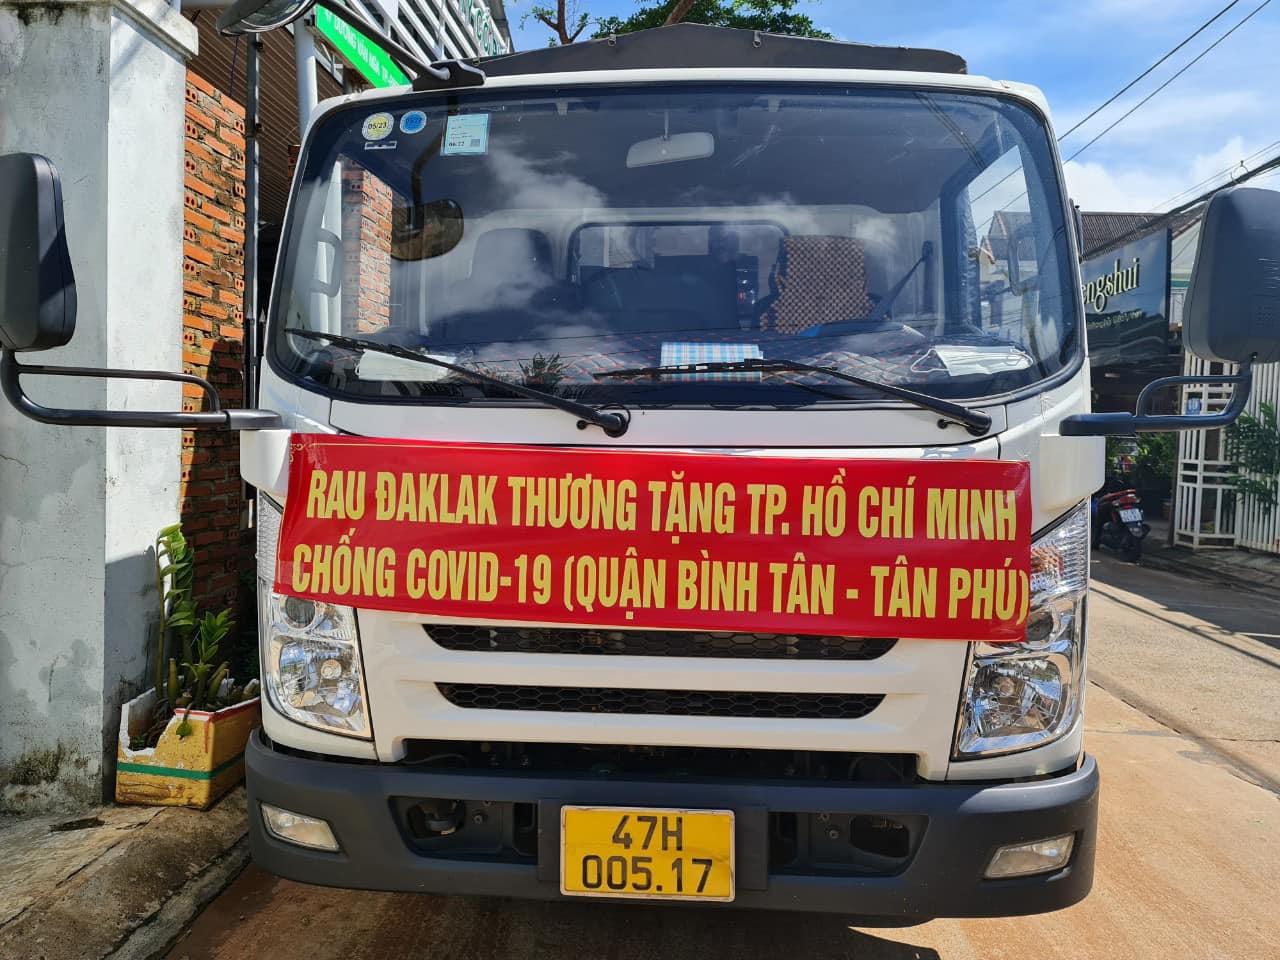 TP Hồ Chí Minh: Tăng cường kiểm tra, xử lý các hành vi vi phạm pháp luật trong hoạt động thương mại và quy định chống dịch